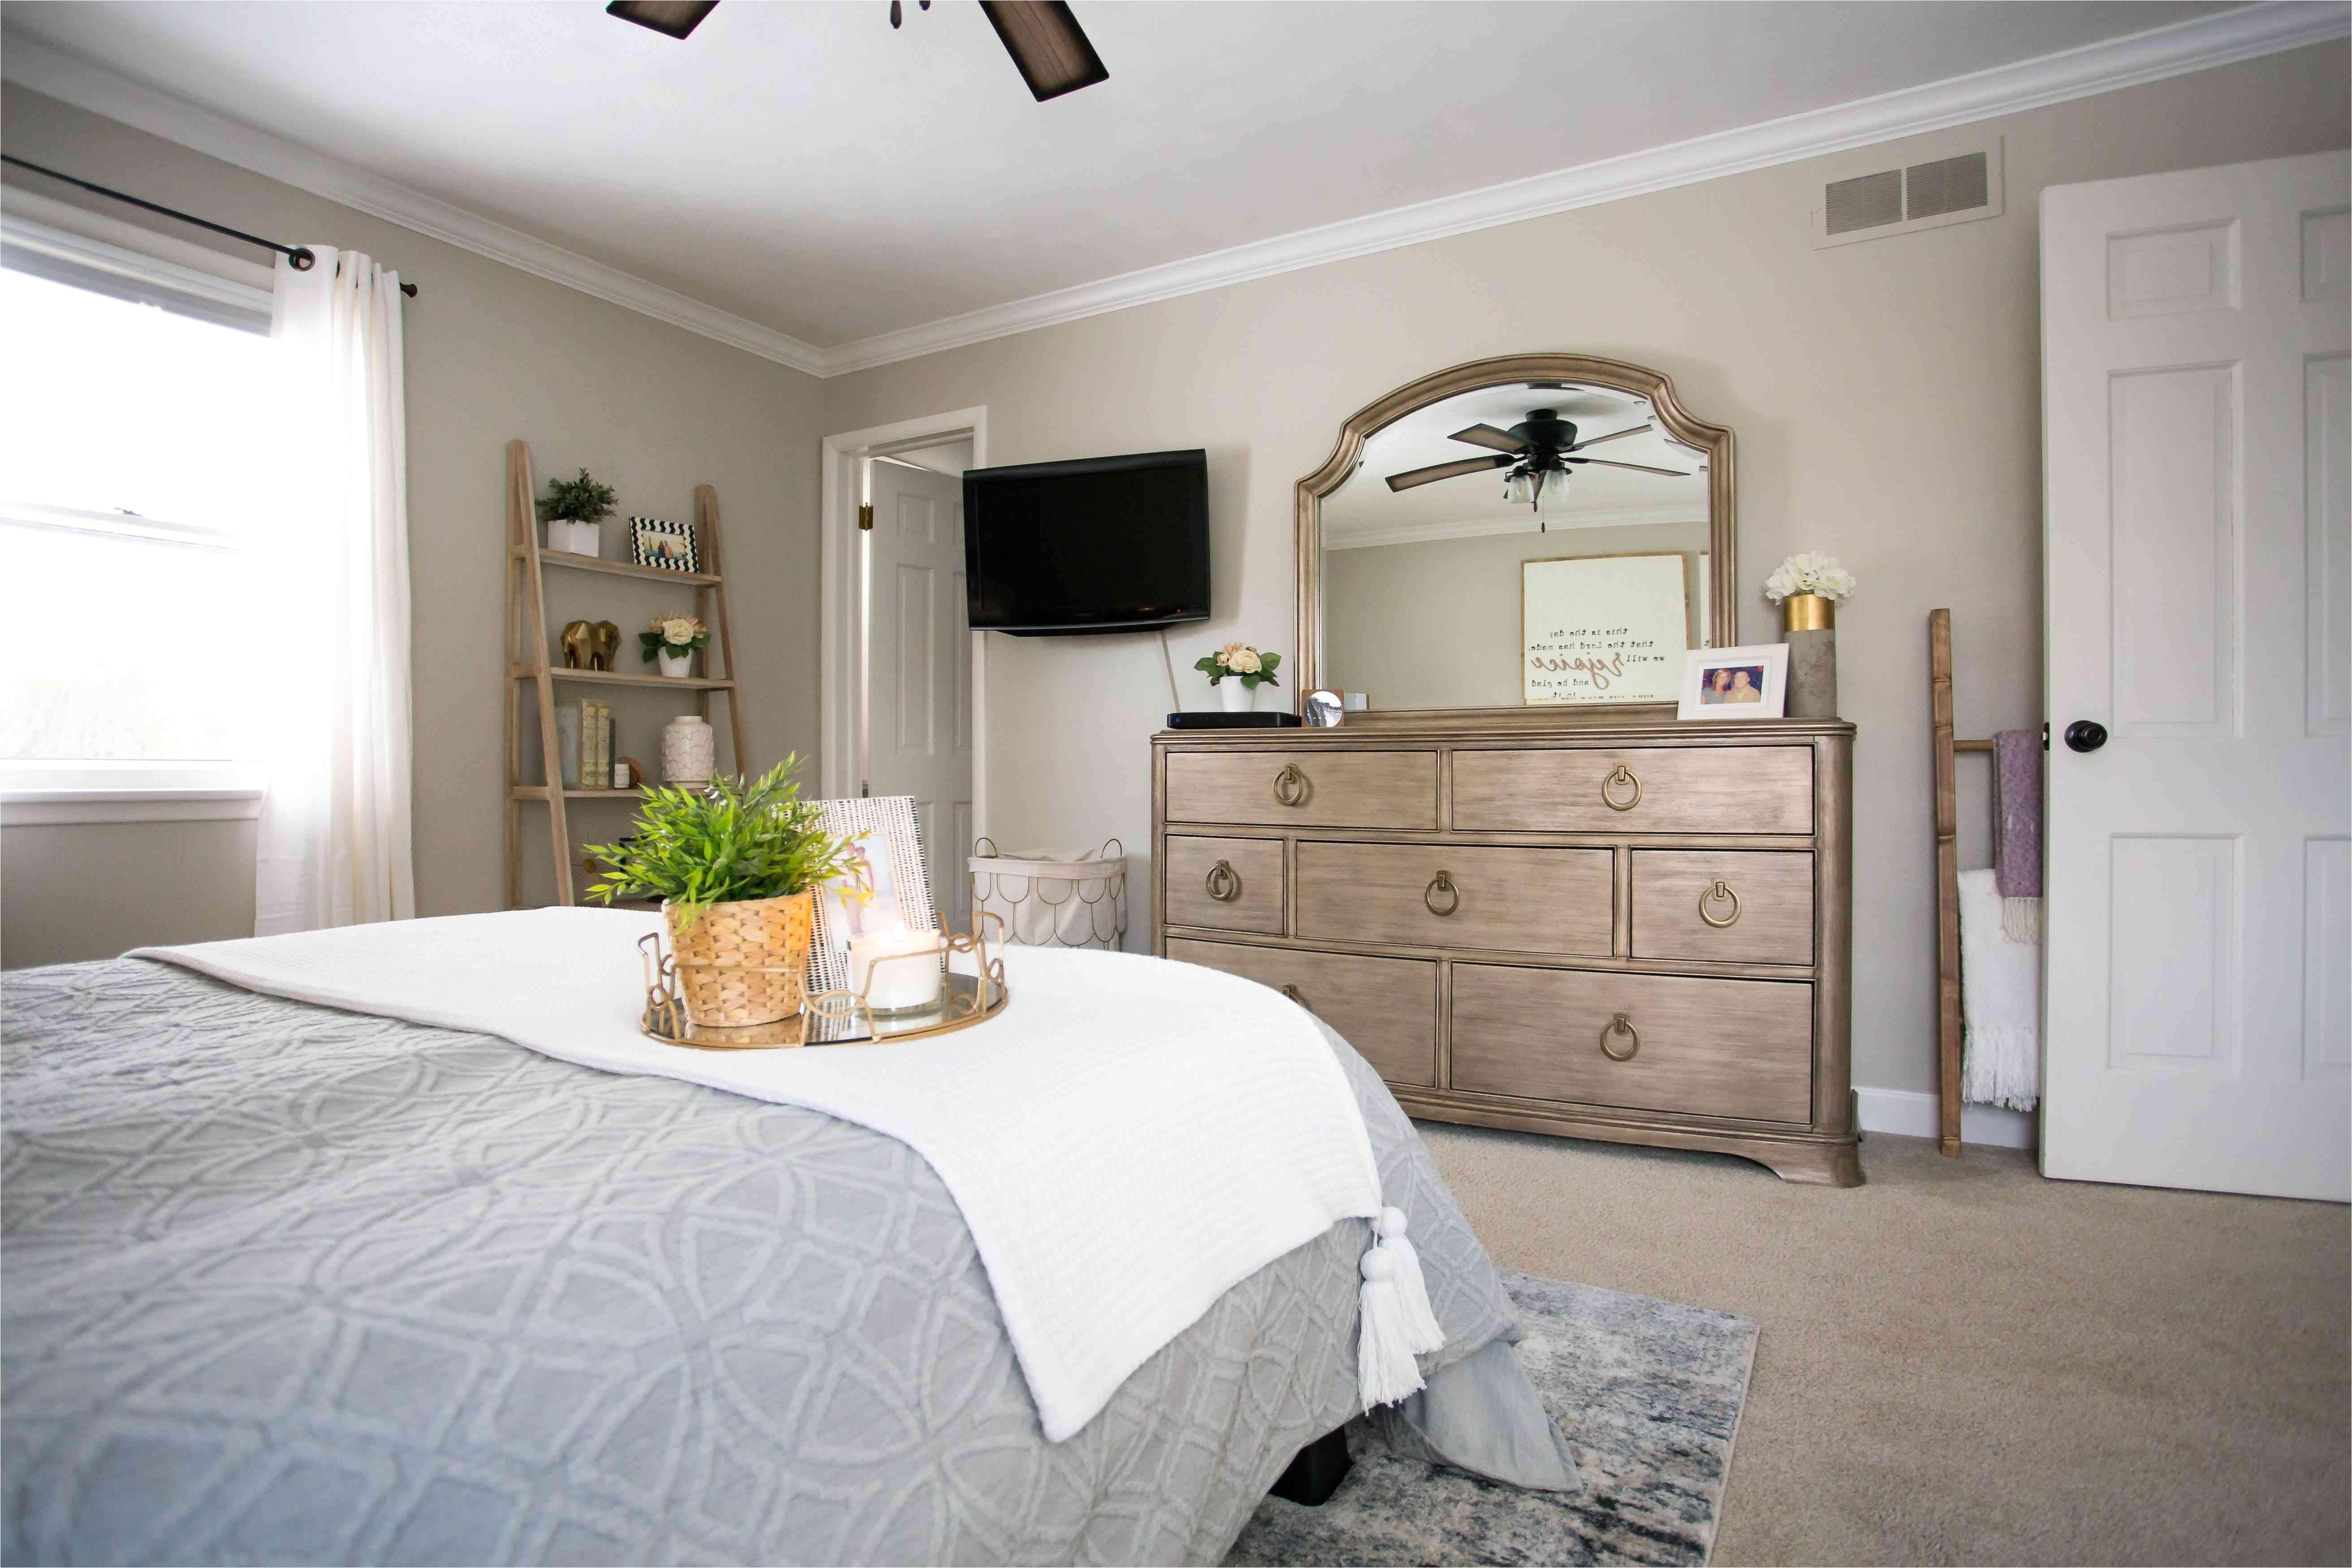 Master Bedroom Art Ideas Modern Room Wall Decor Awesome Wall Decor Ideas for Master Bedroom